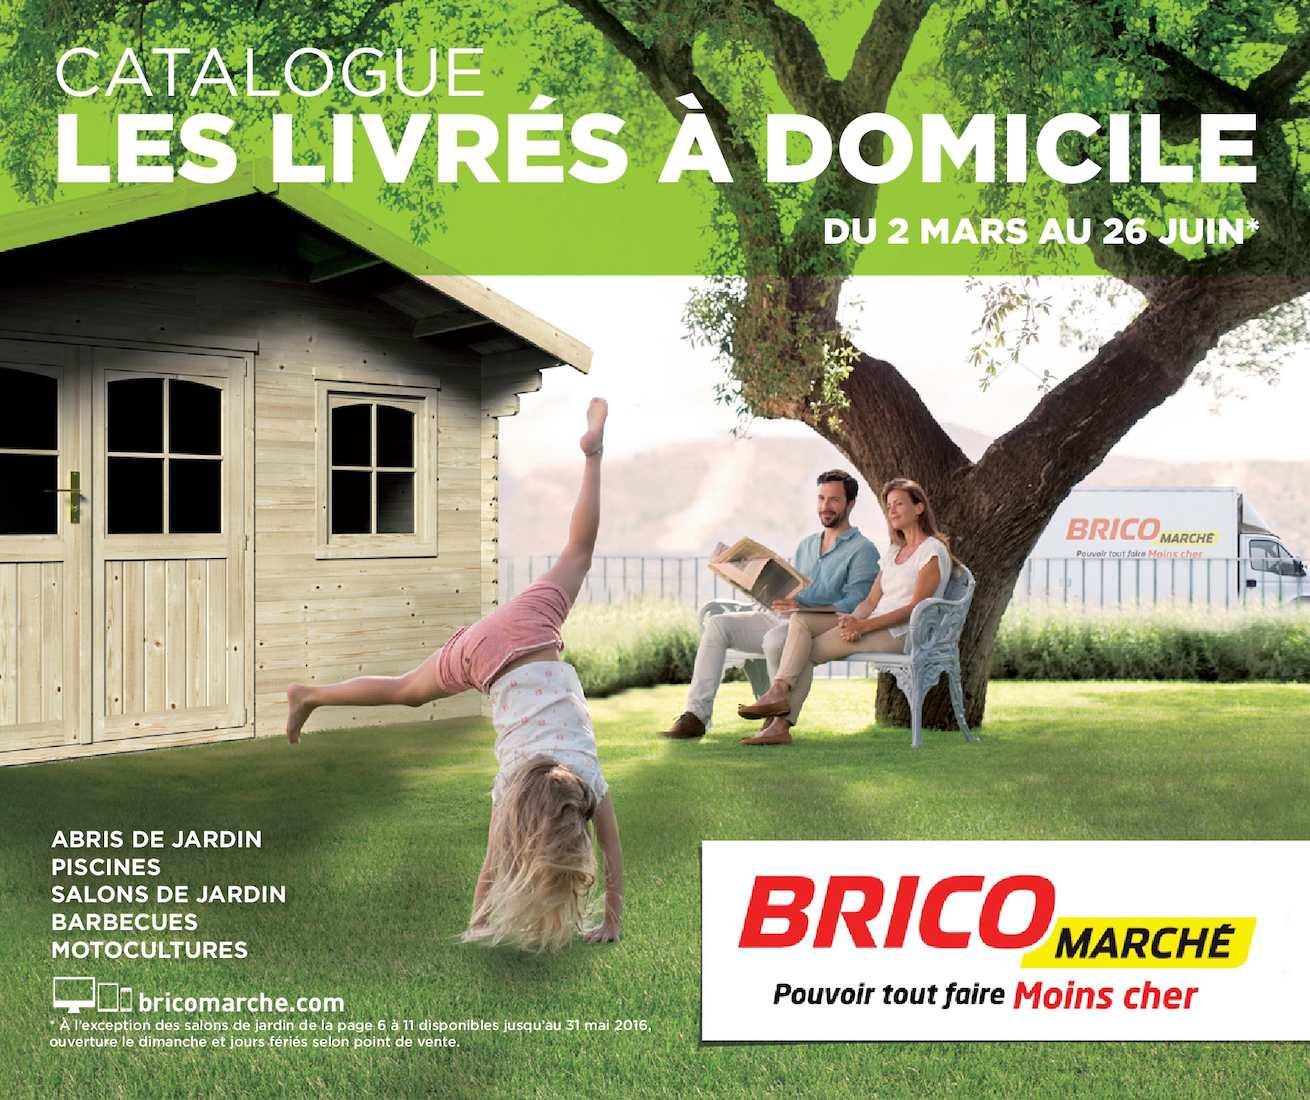 Calaméo - Livre A Domicile 2016 à Piscine Bricomarché